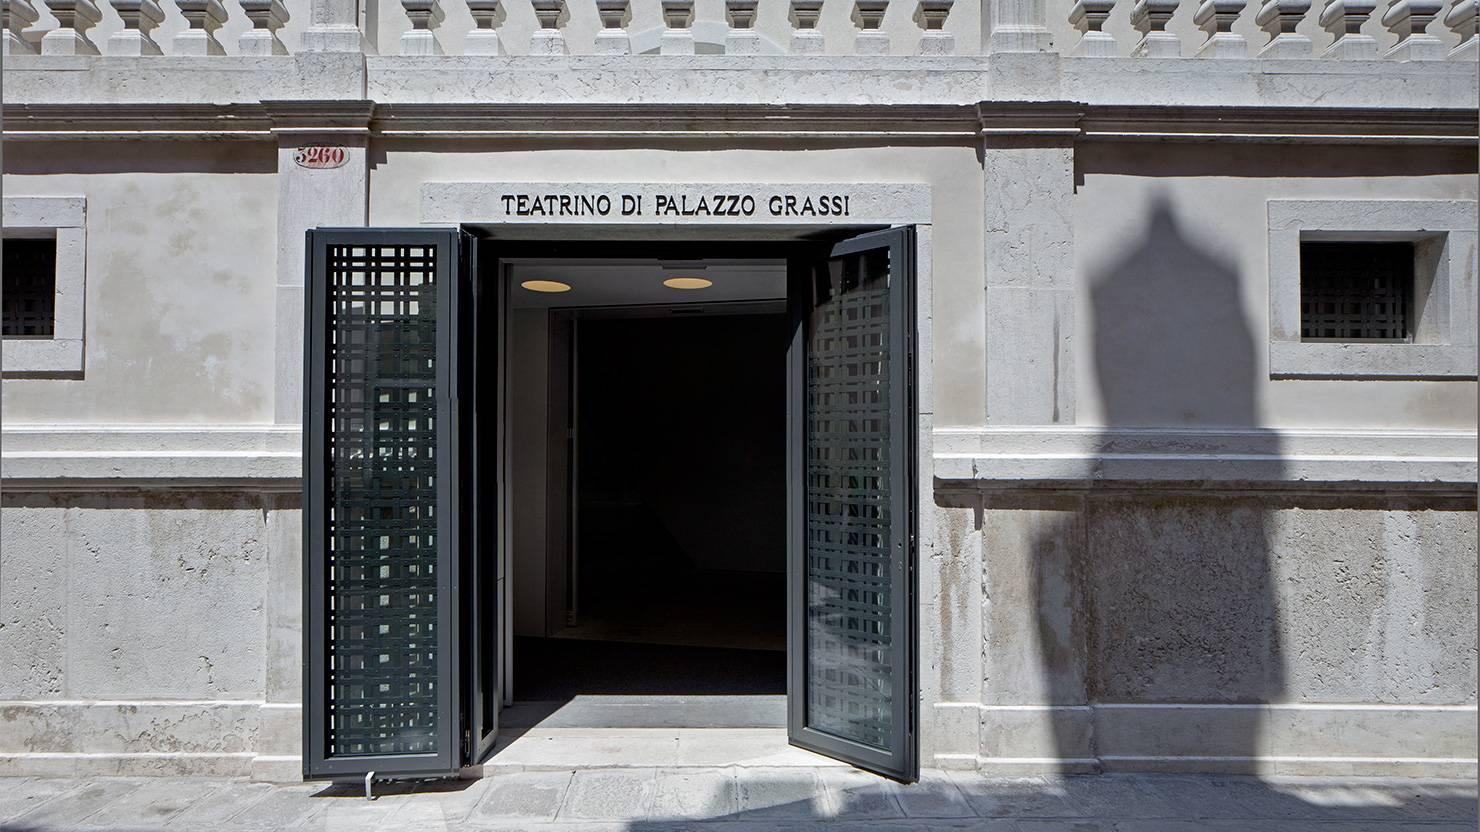 serramenti-acciaio-zincato-teatrino-palazzo-grassi-tadao-ando-3_project_big